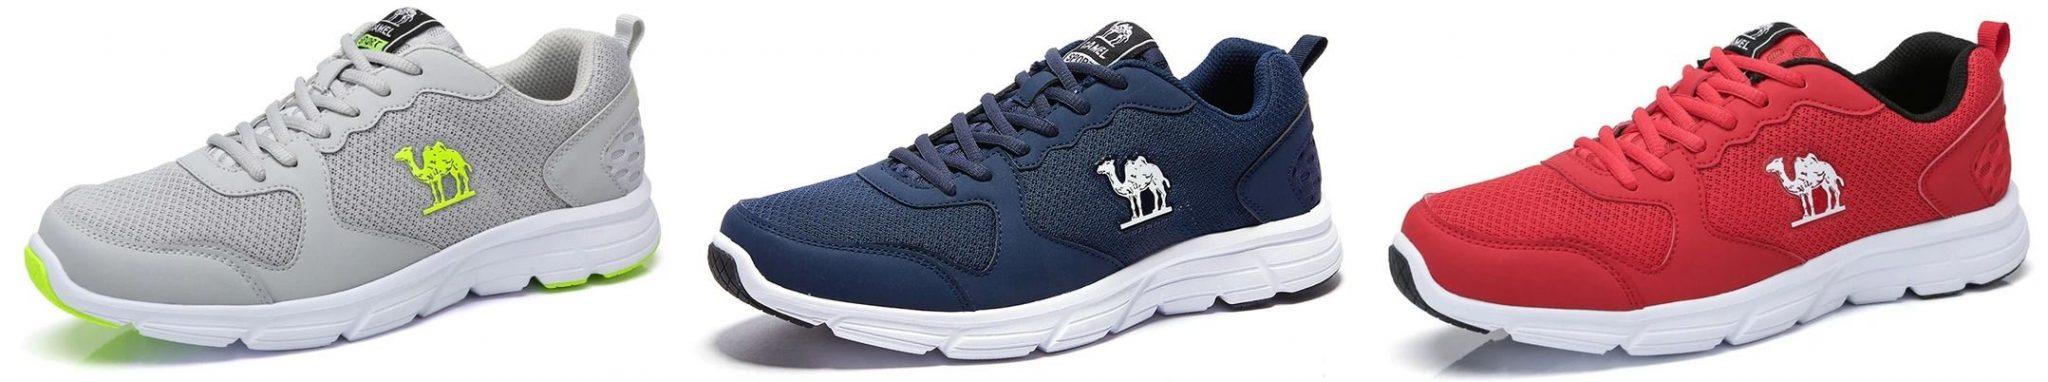 Camel Ultralight cipő bemutató 13